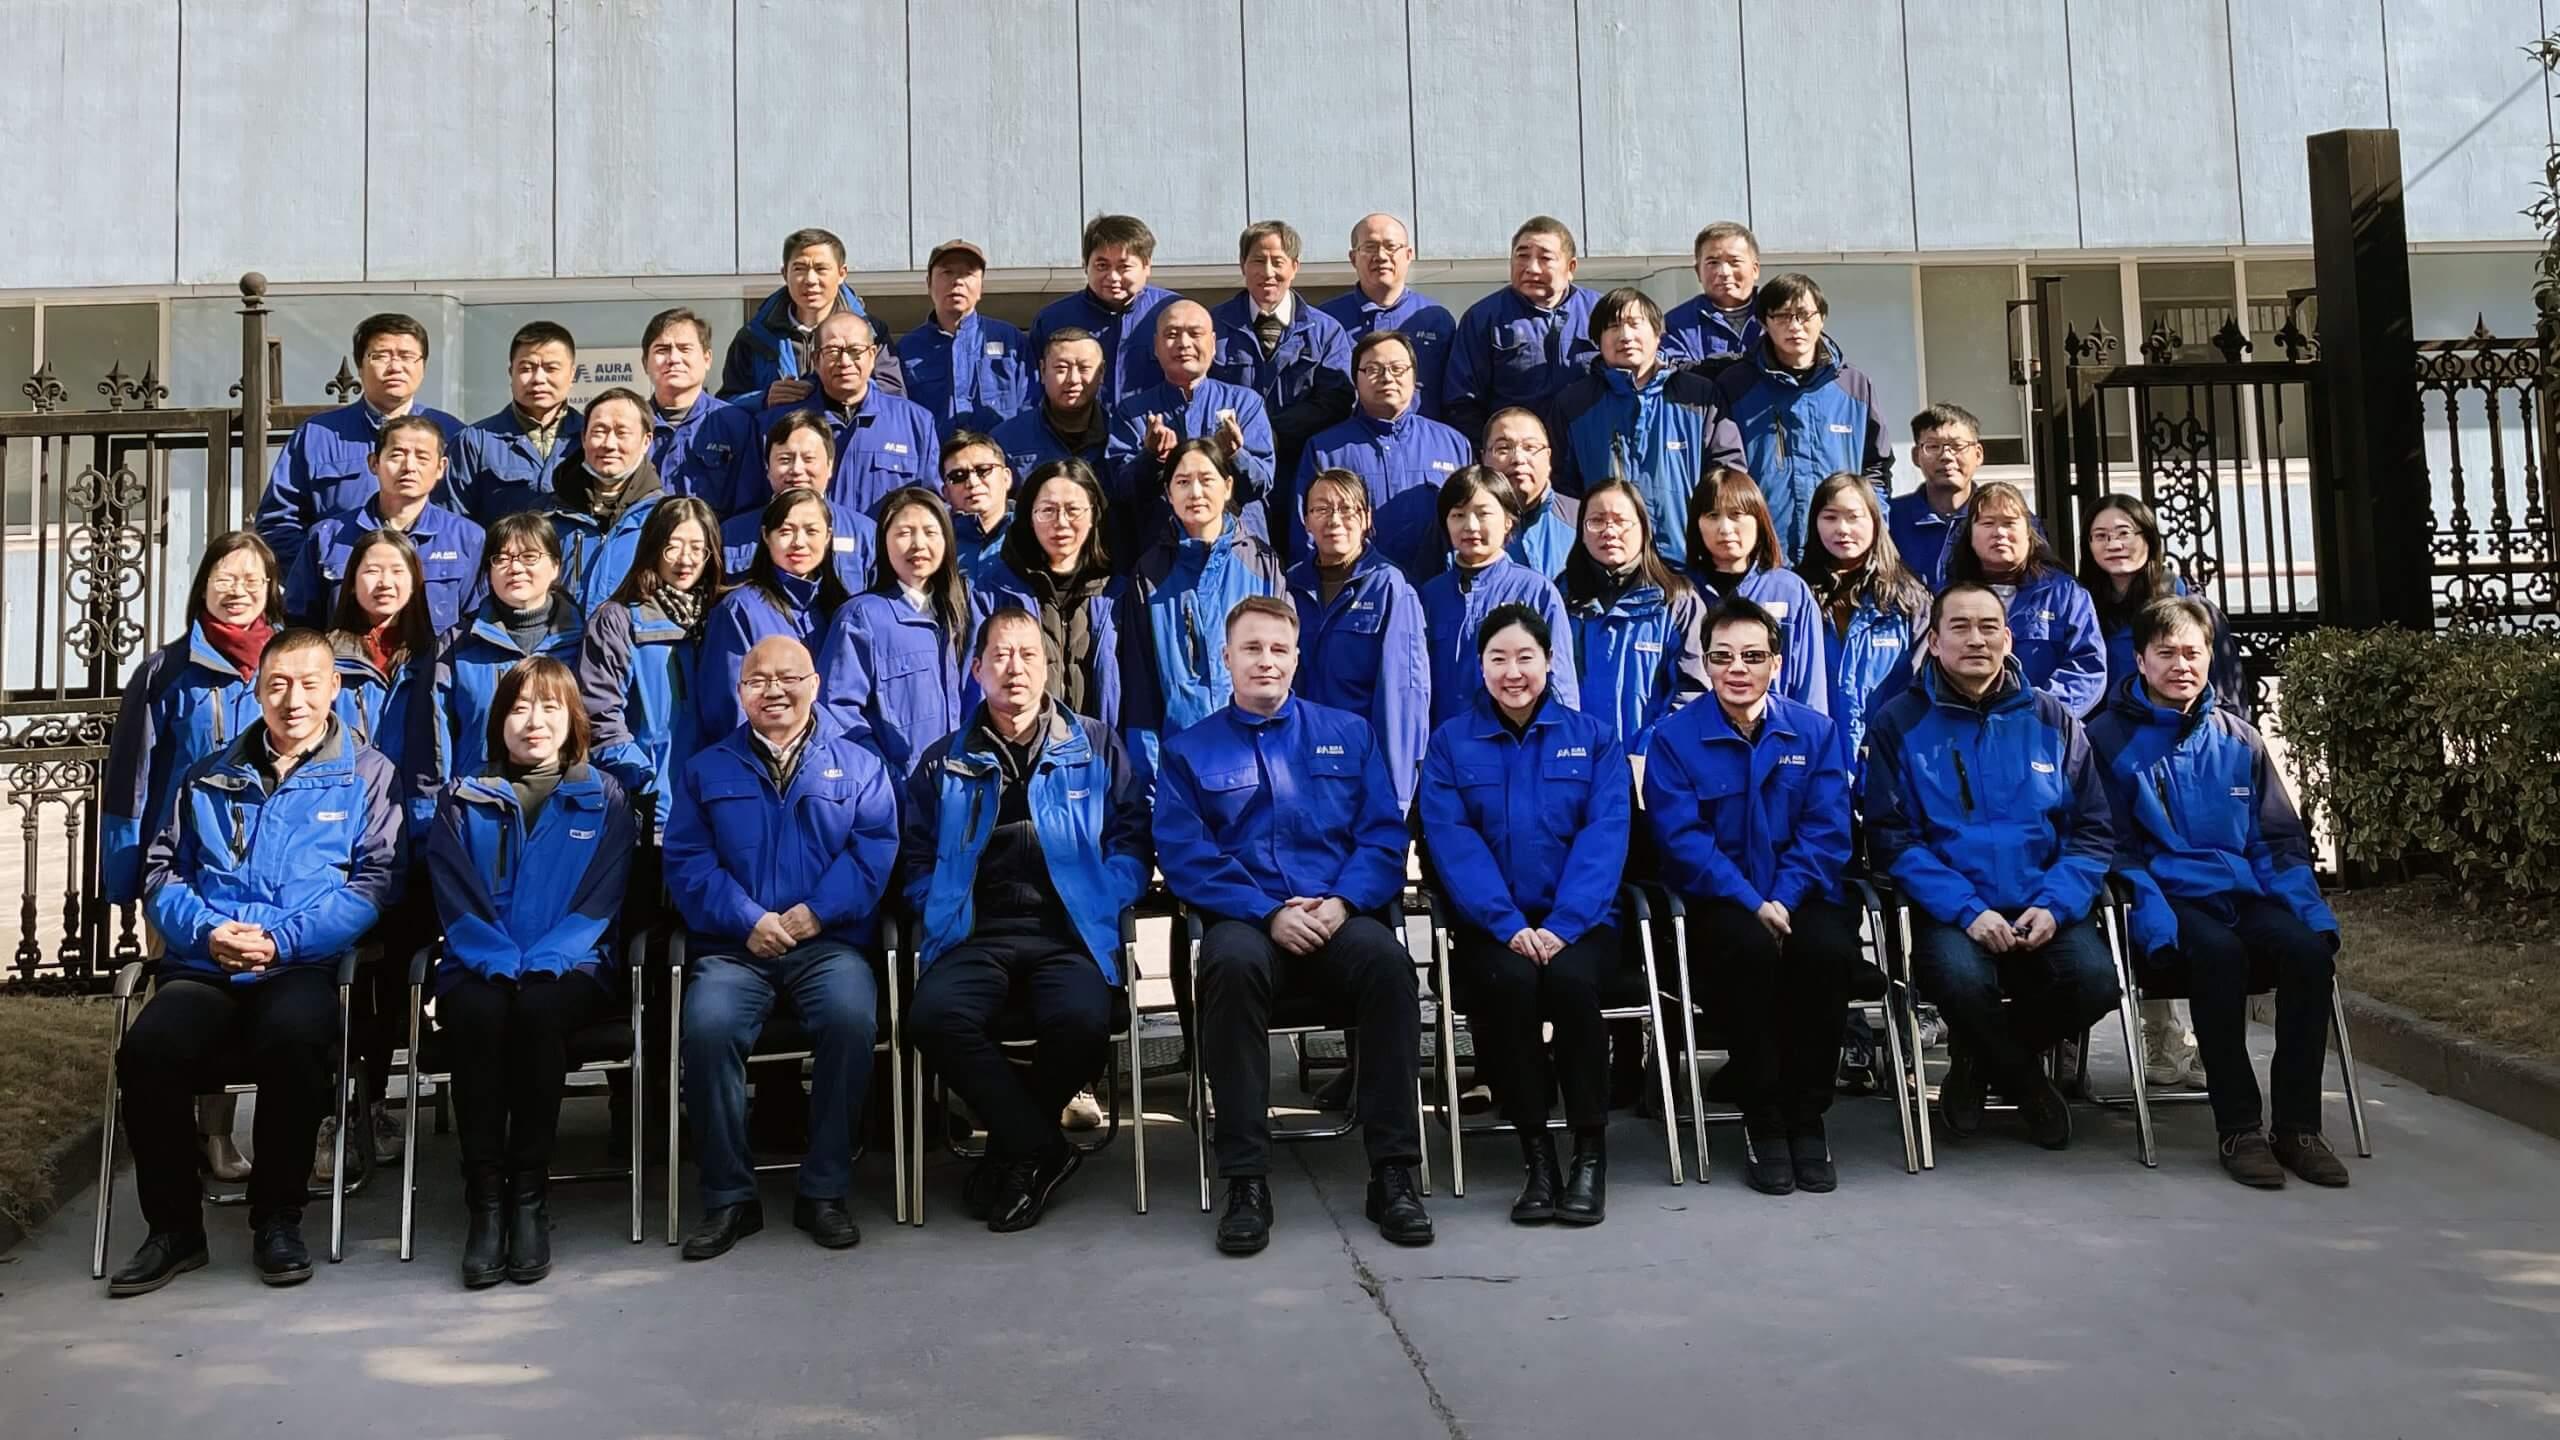 Auramarine Asia Shanghai personnel